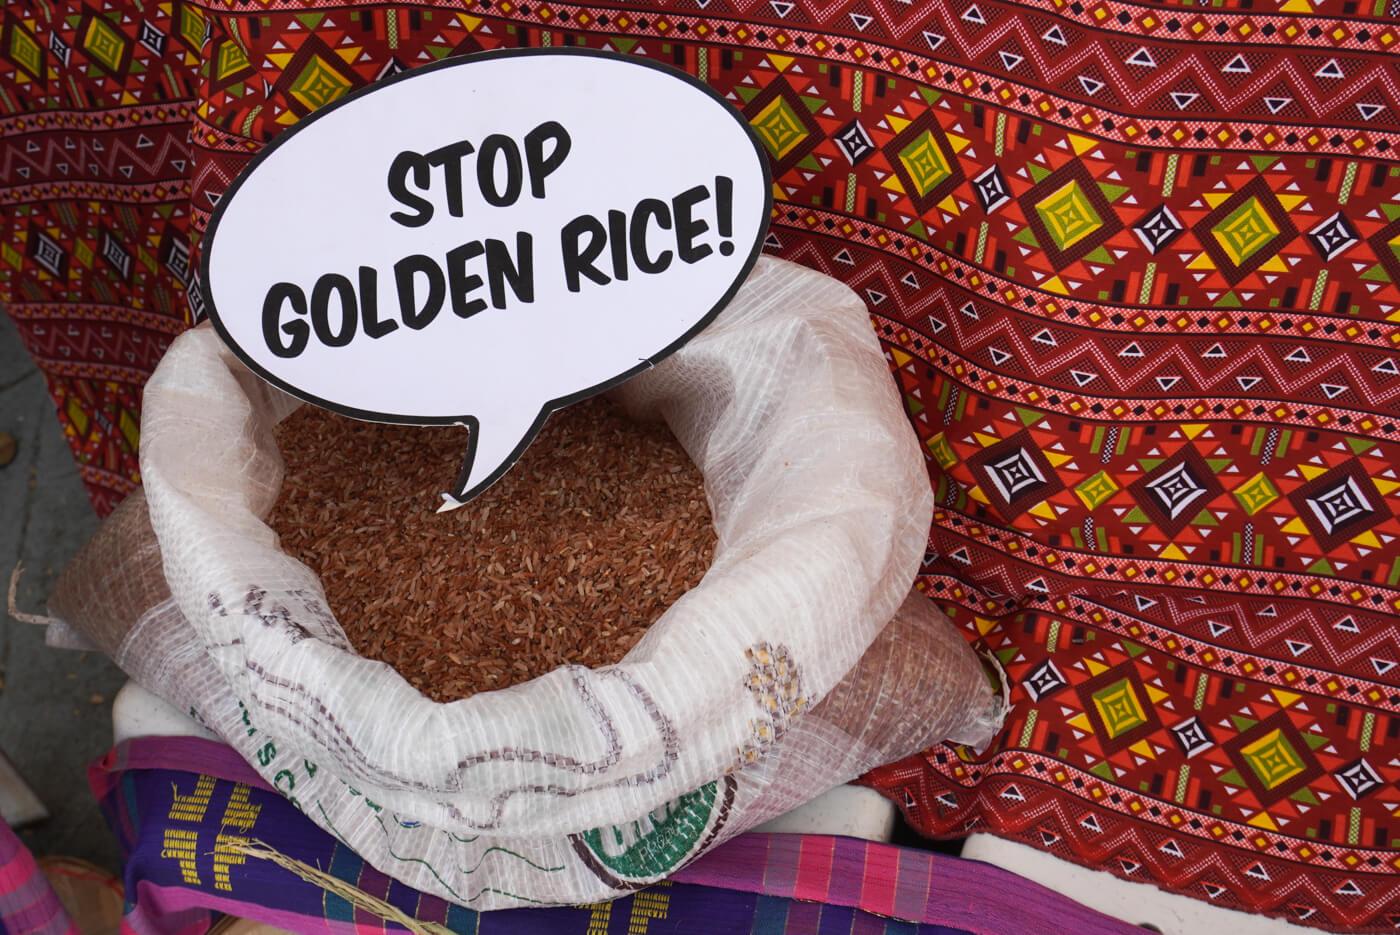 stop golden rice